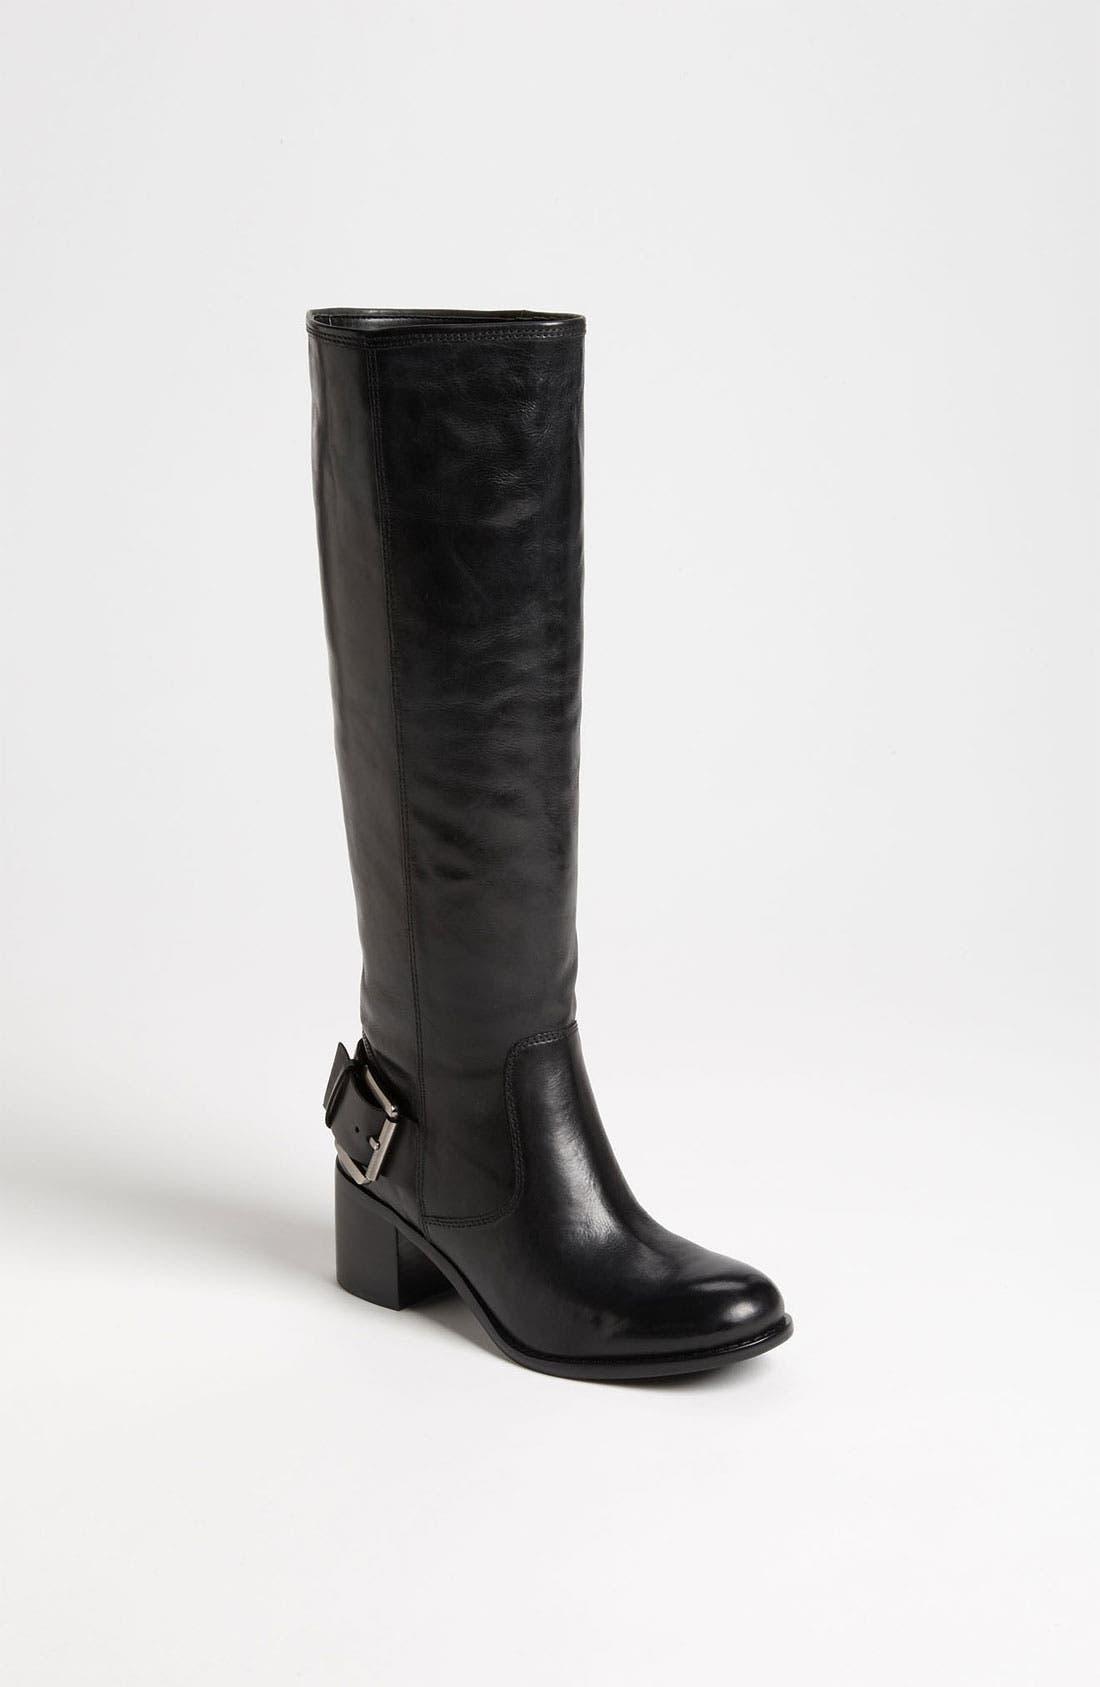 Main Image - Boutique 9 'Biondello' Boot